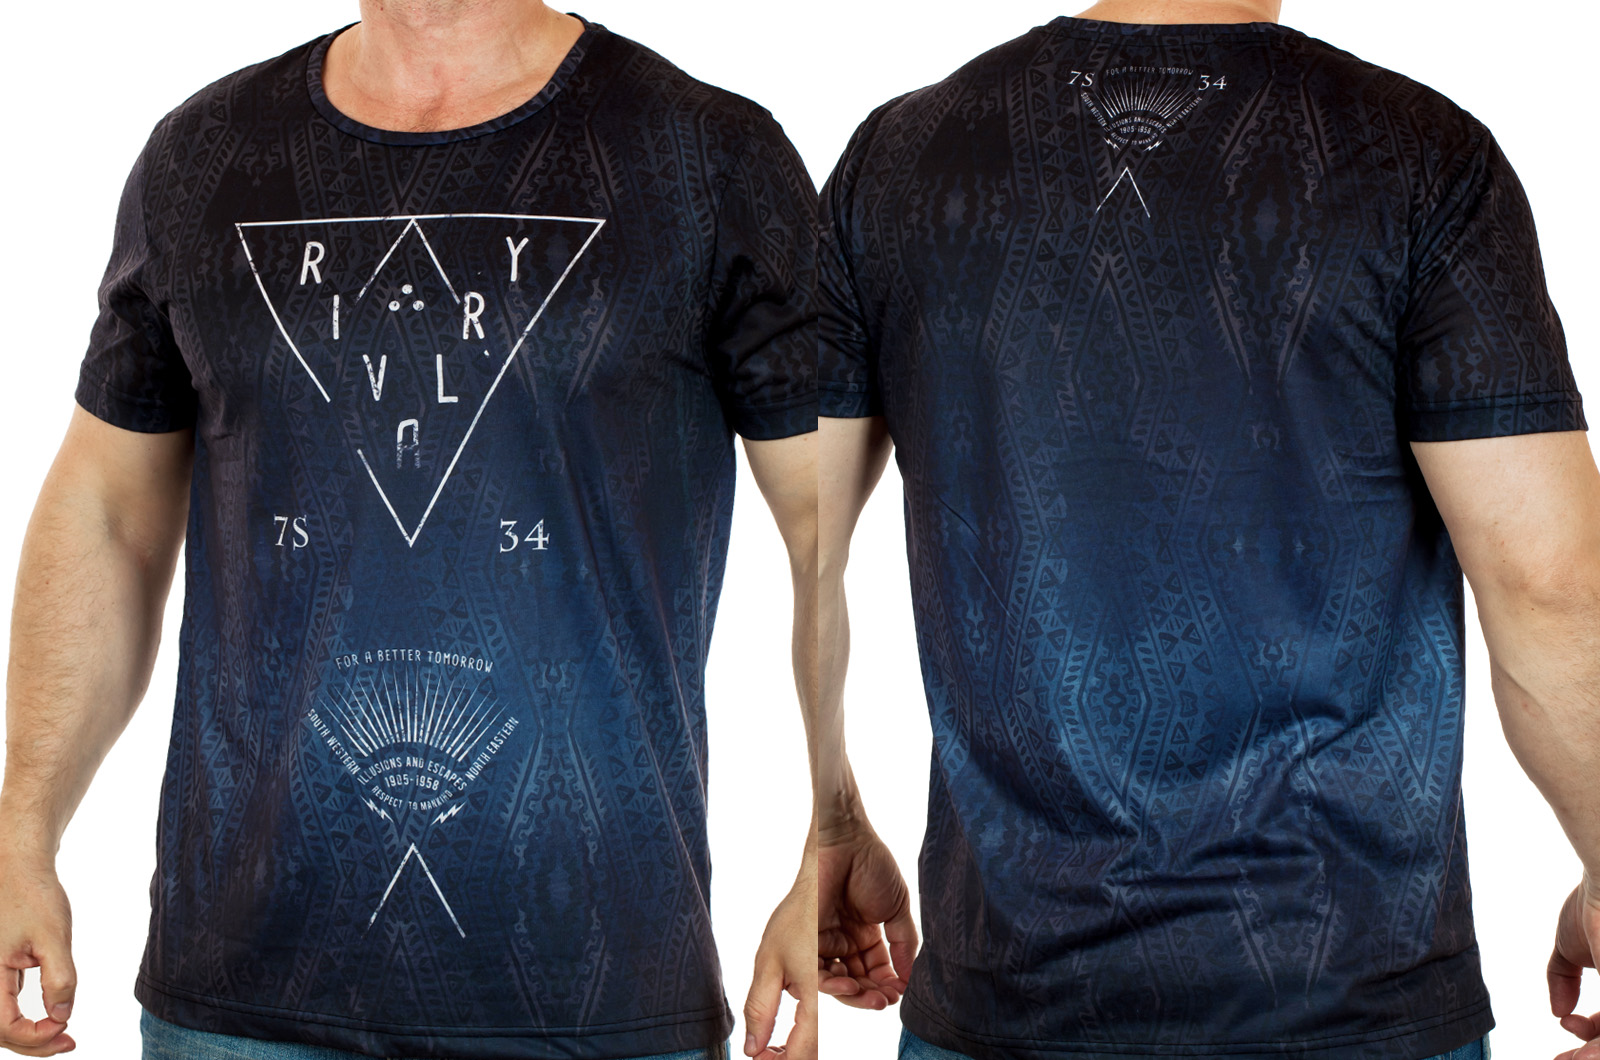 Свободная мужская футболка от ТМ Max Youngmen. Символичная анаграмма, насыщенный живой цвет